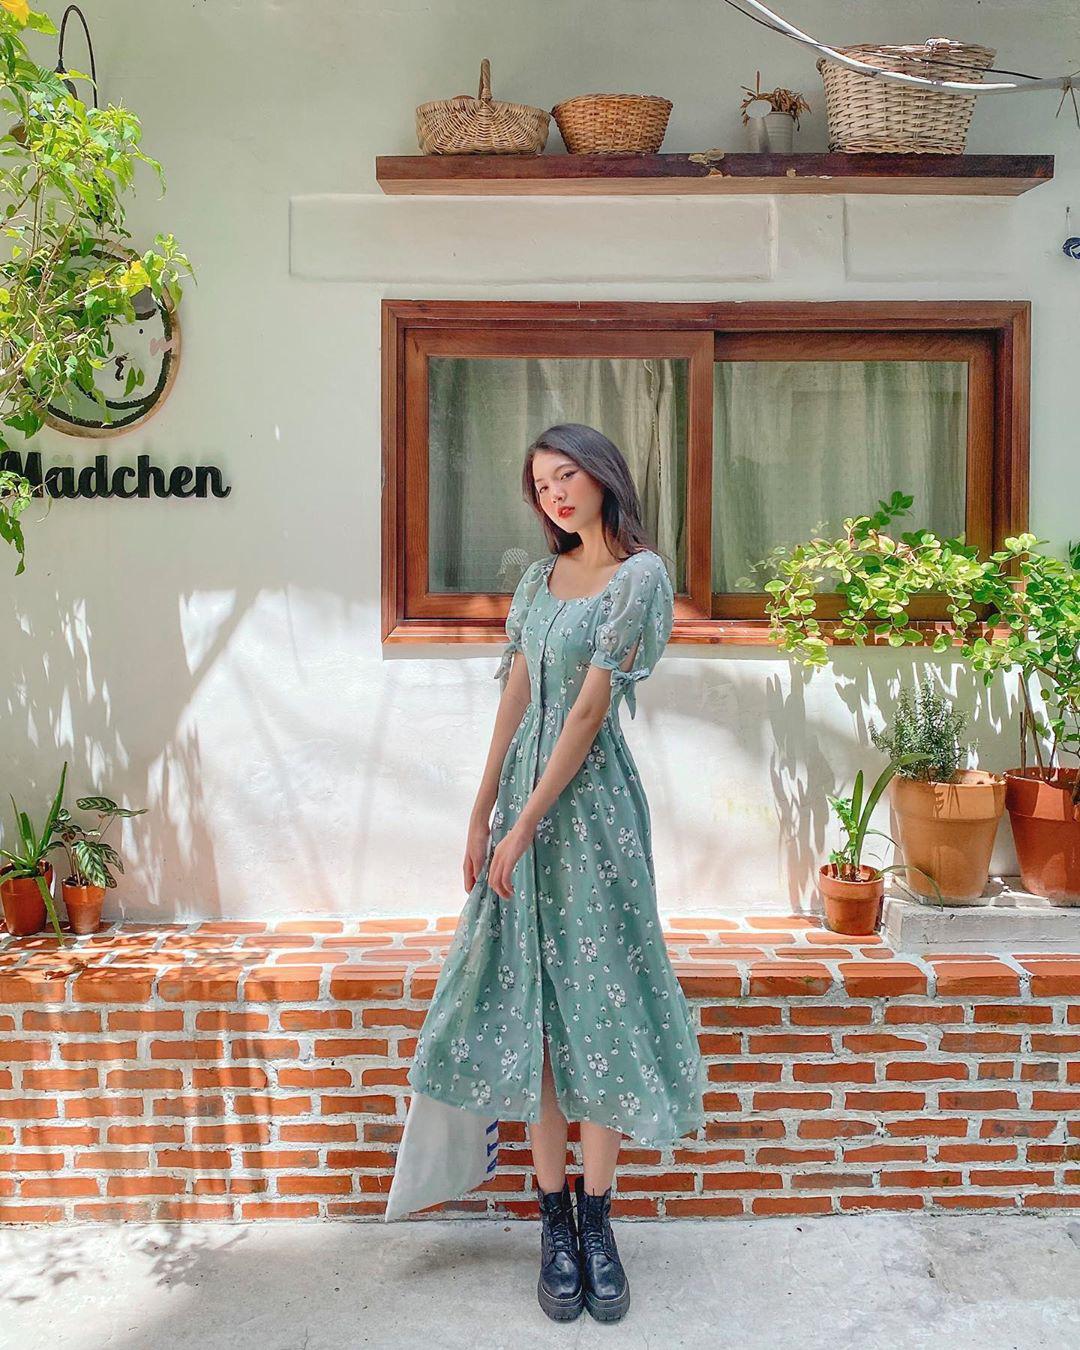 Trời se lạnh mà quẩy váy dáng dài là style sẽ yêu kiều như gái Pháp, điểm sang chảnh cũng tăng ngùn ngụt - Ảnh 12.